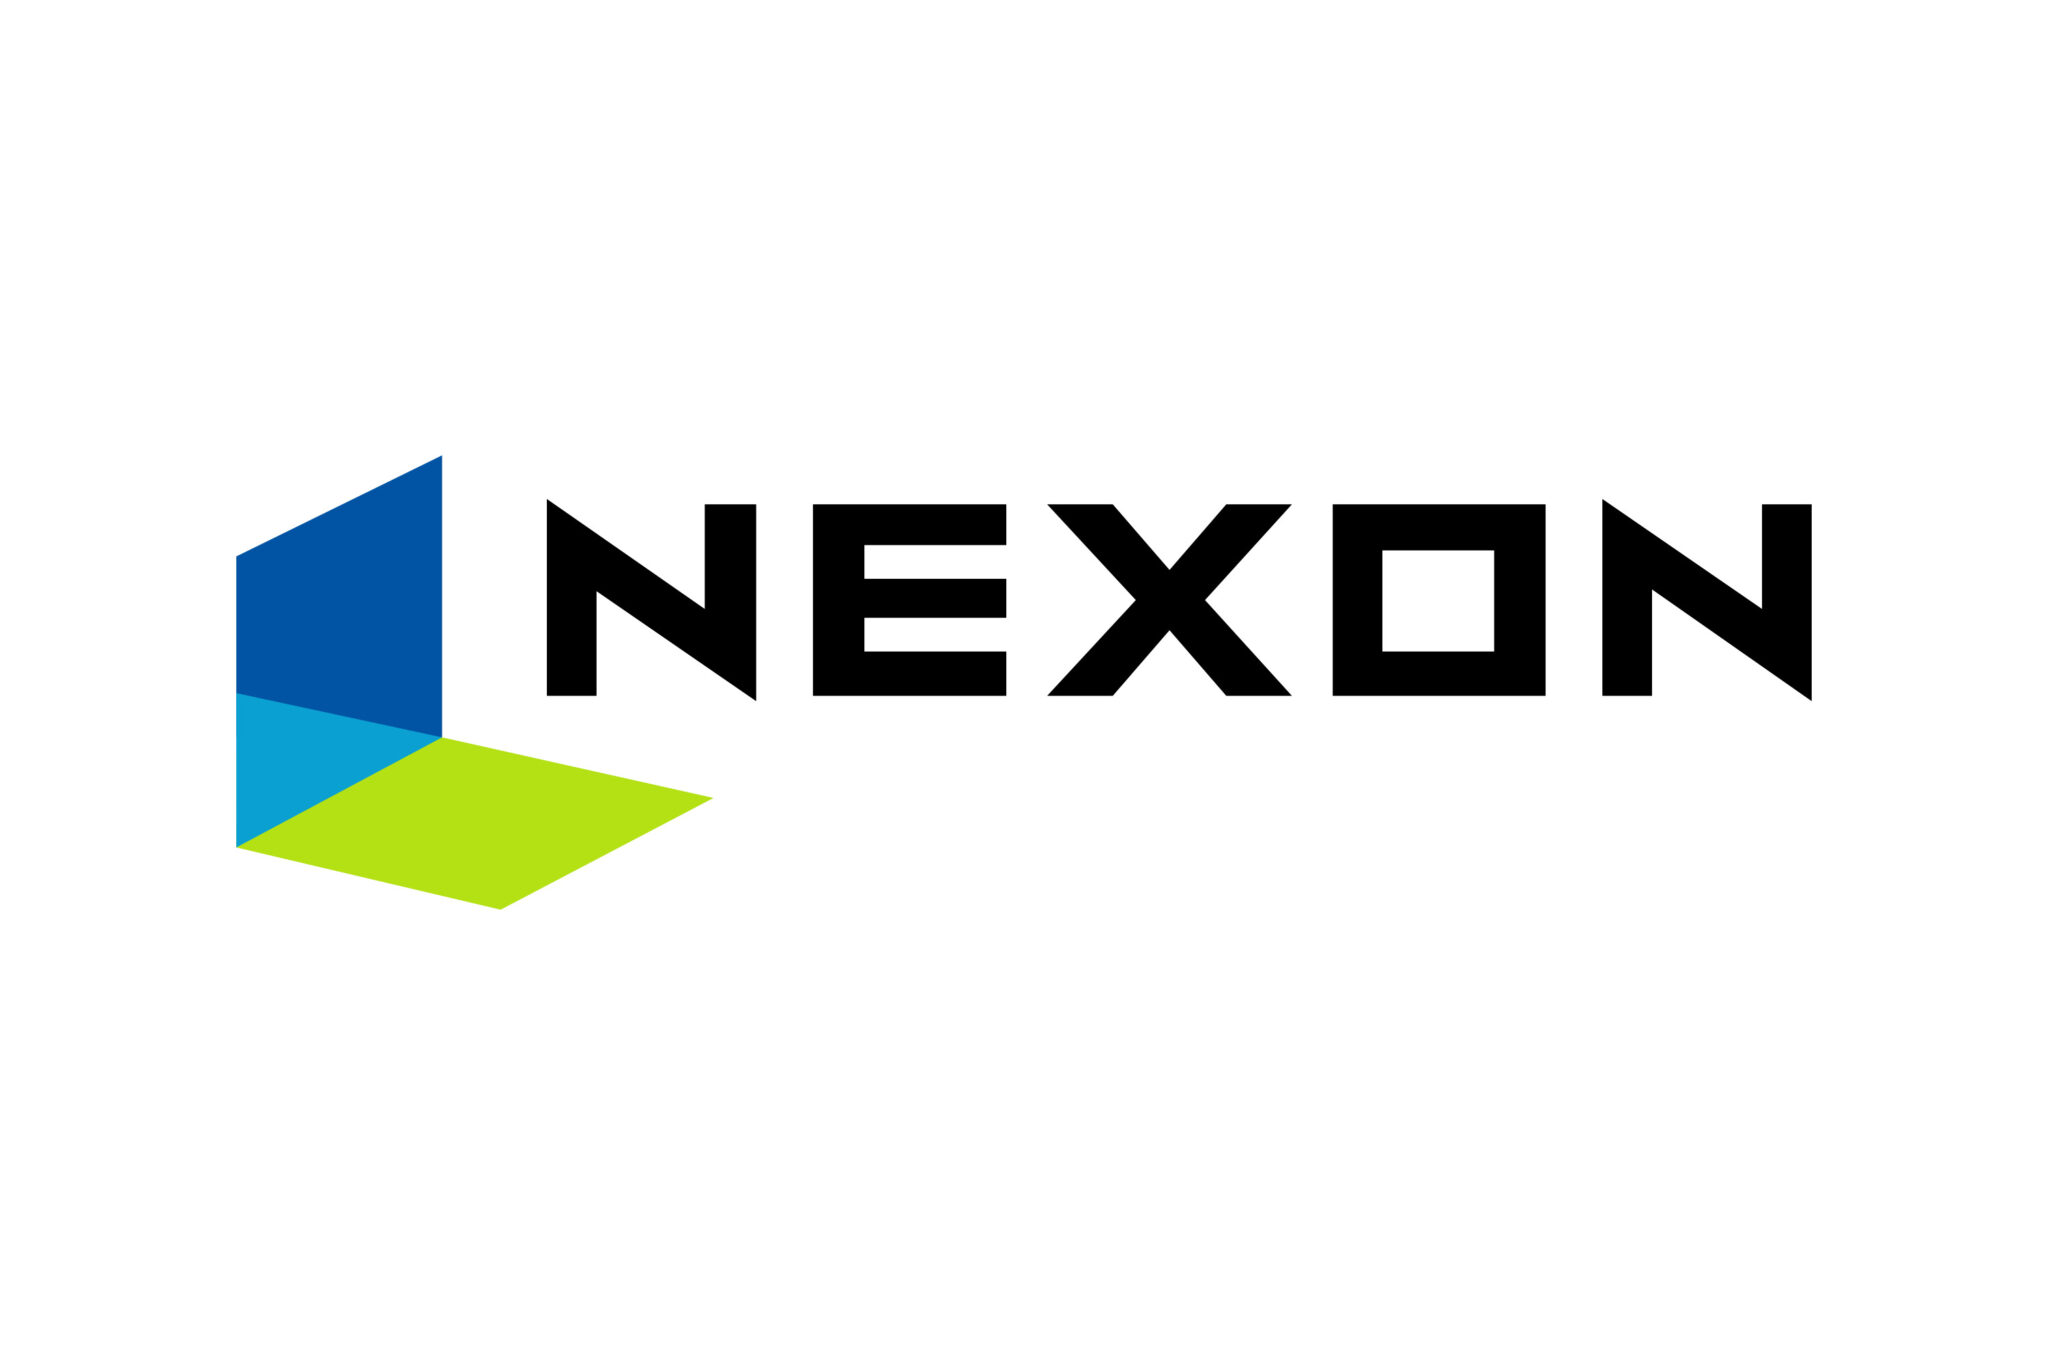 NEXON